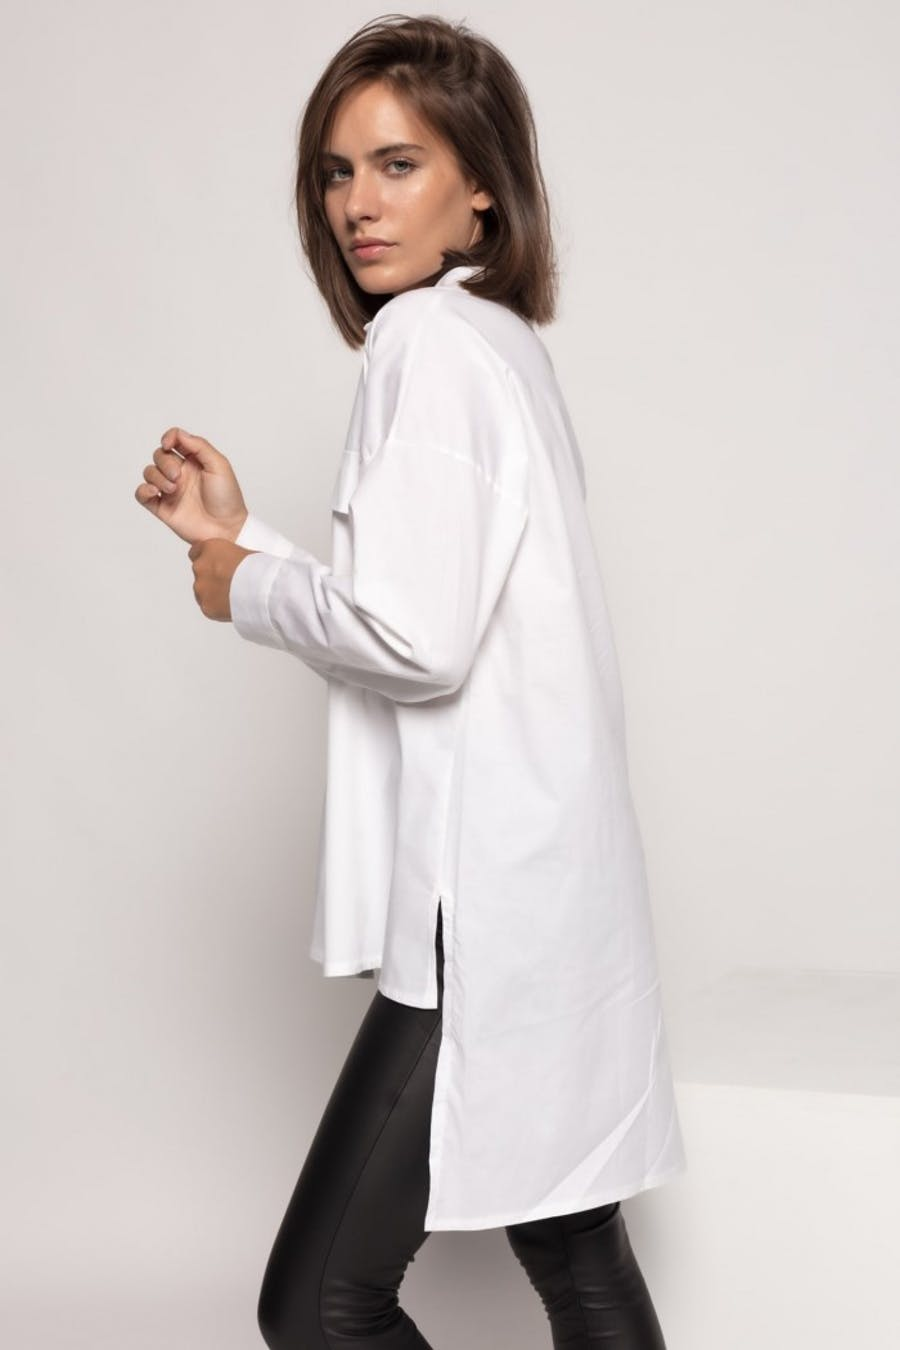 Camisa Cassual popelín bolsillos Blanco